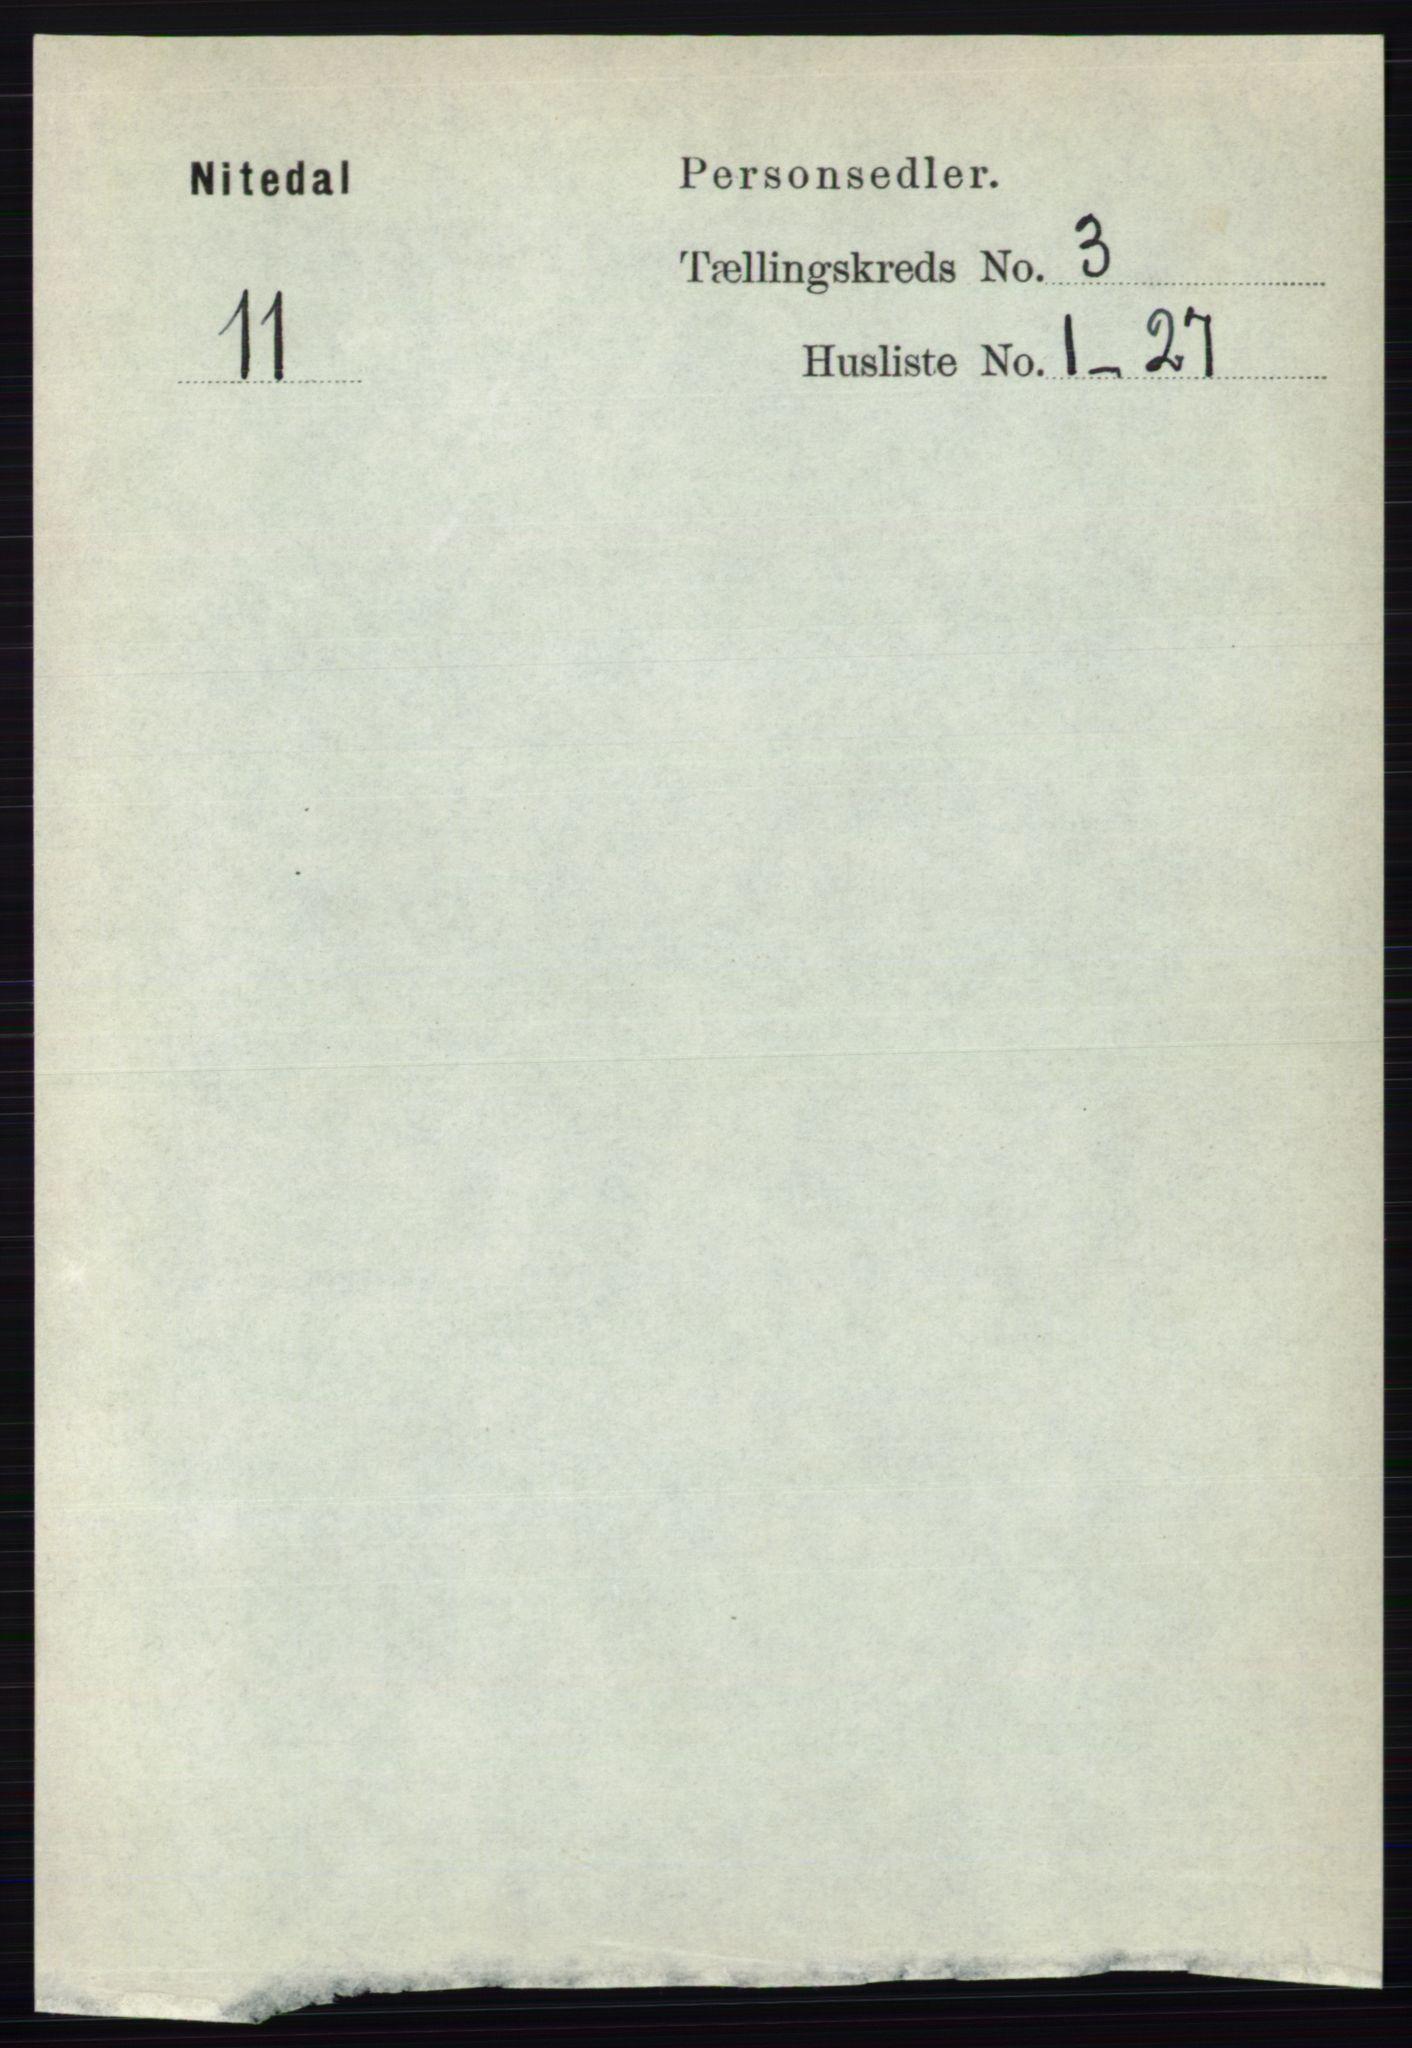 RA, Folketelling 1891 for 0233 Nittedal herred, 1891, s. 1202